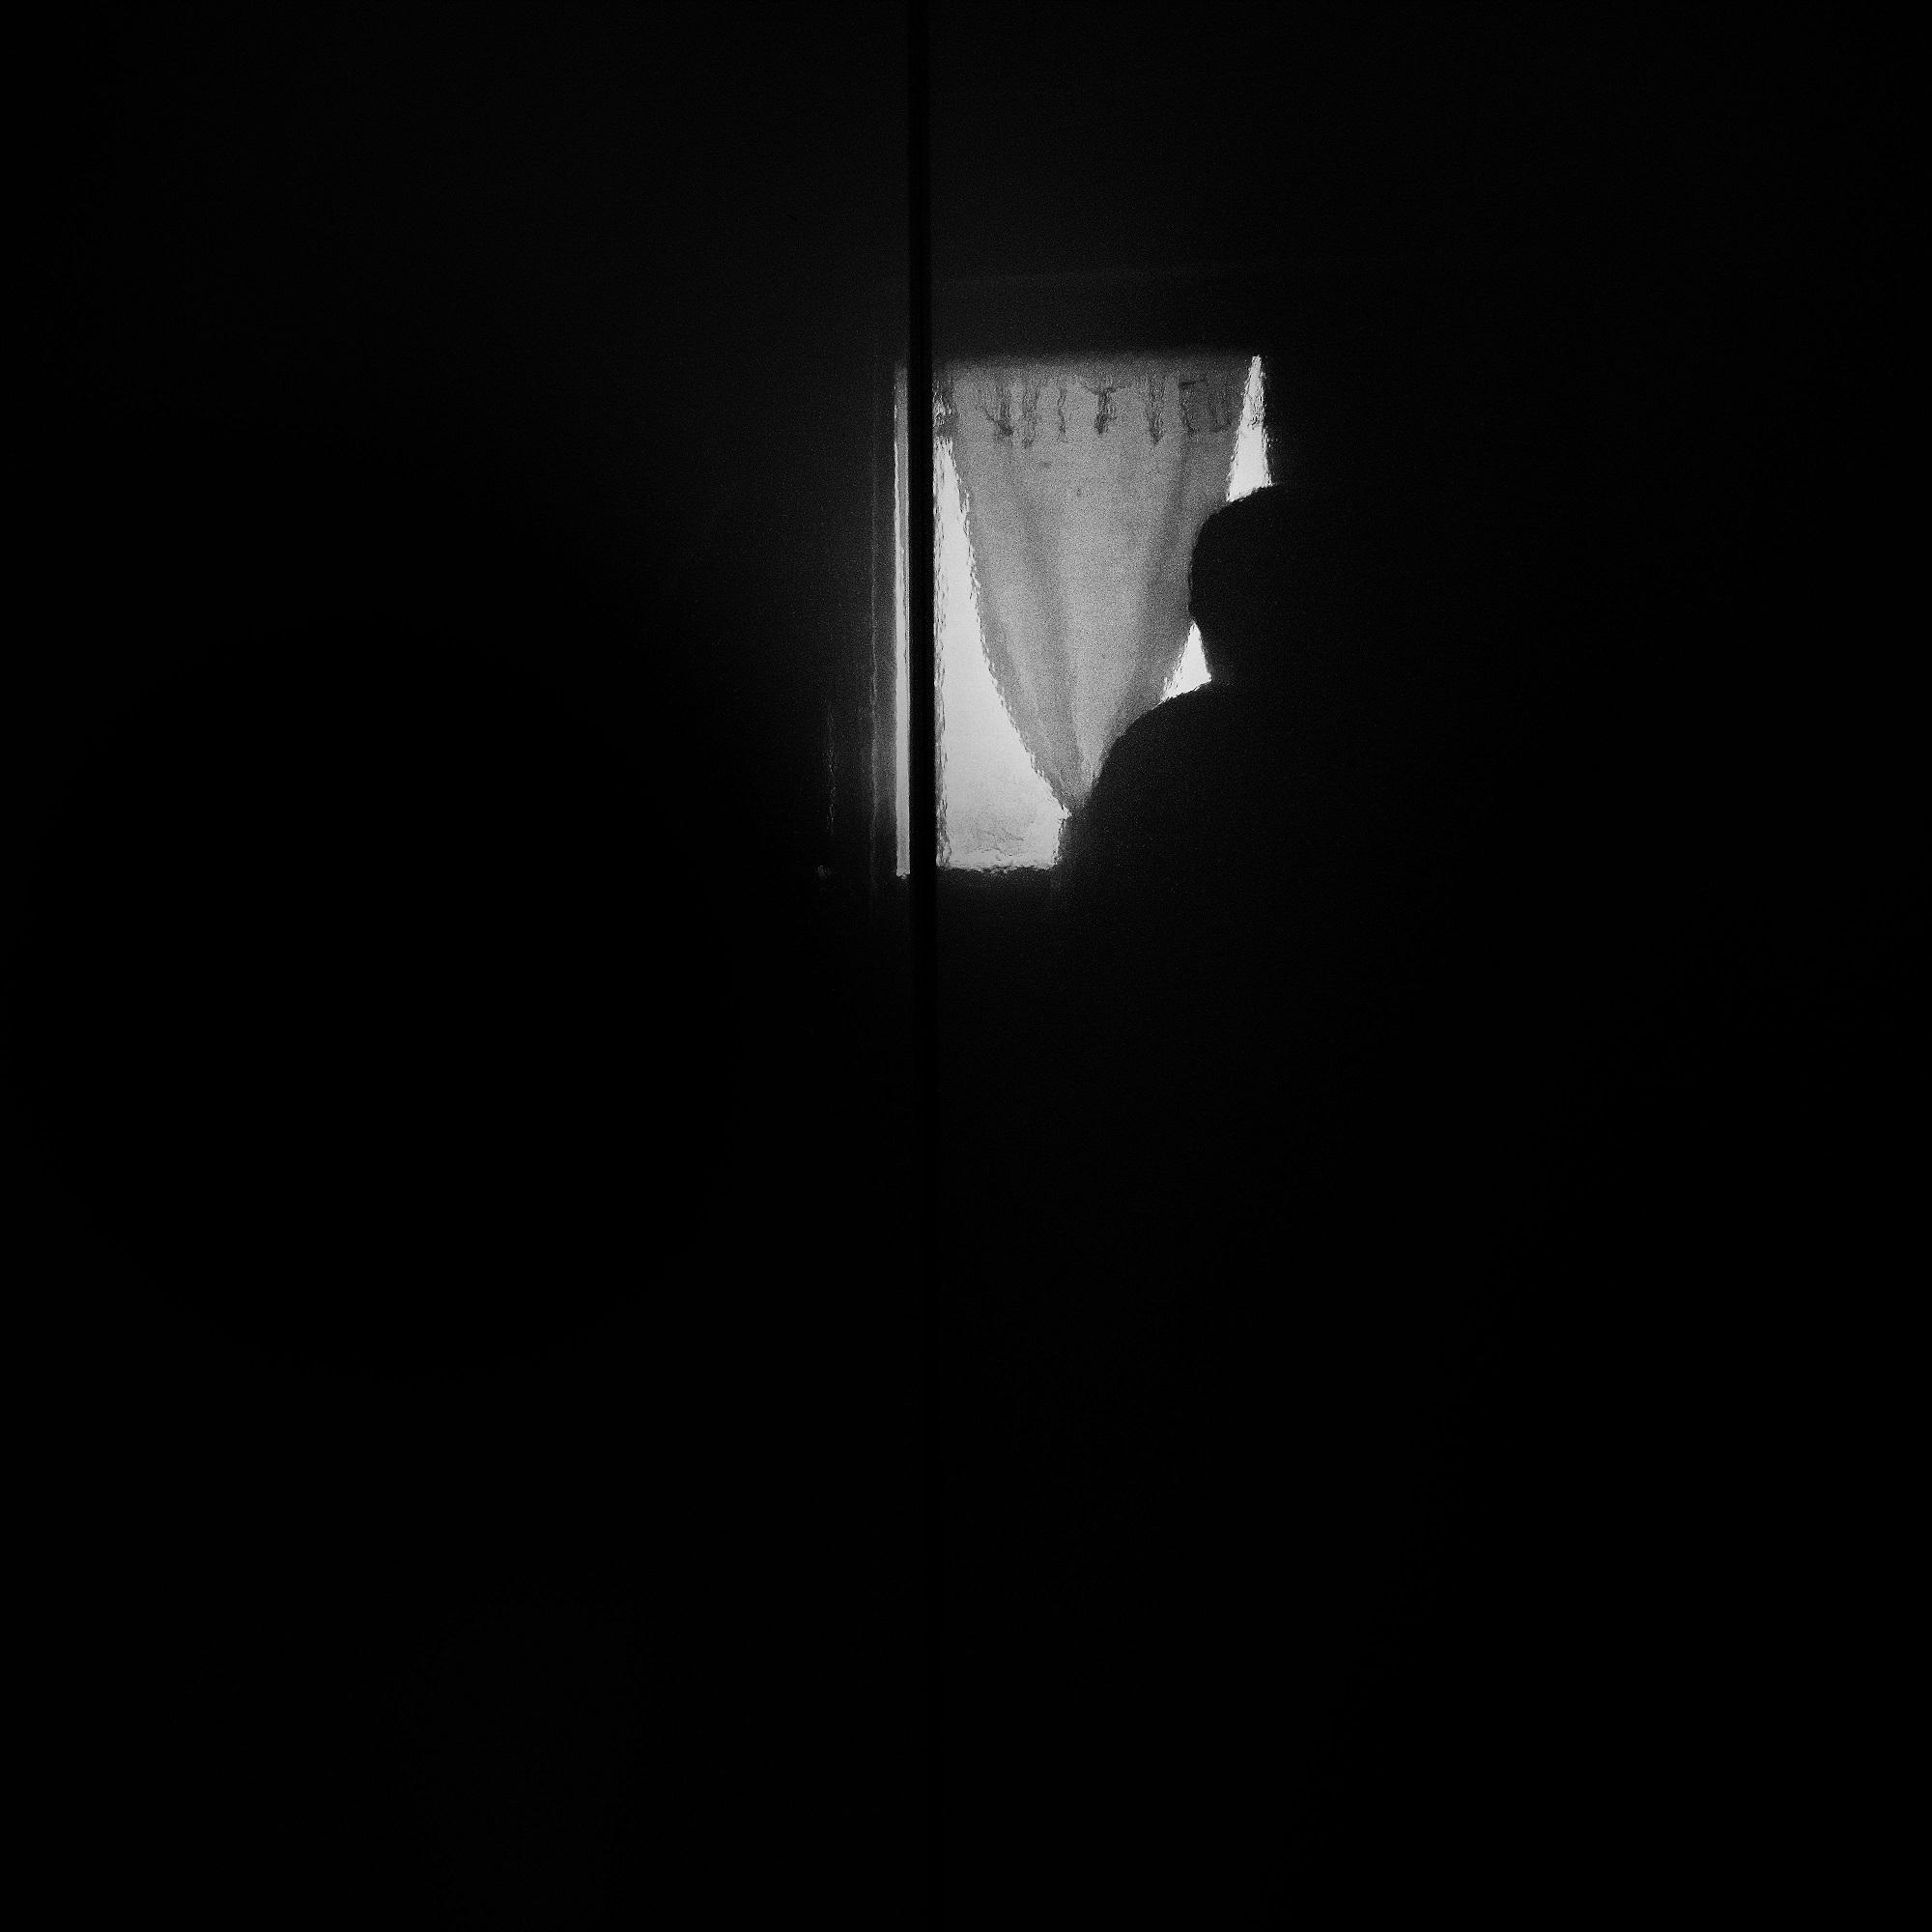 Nell'ombra la pioggia...